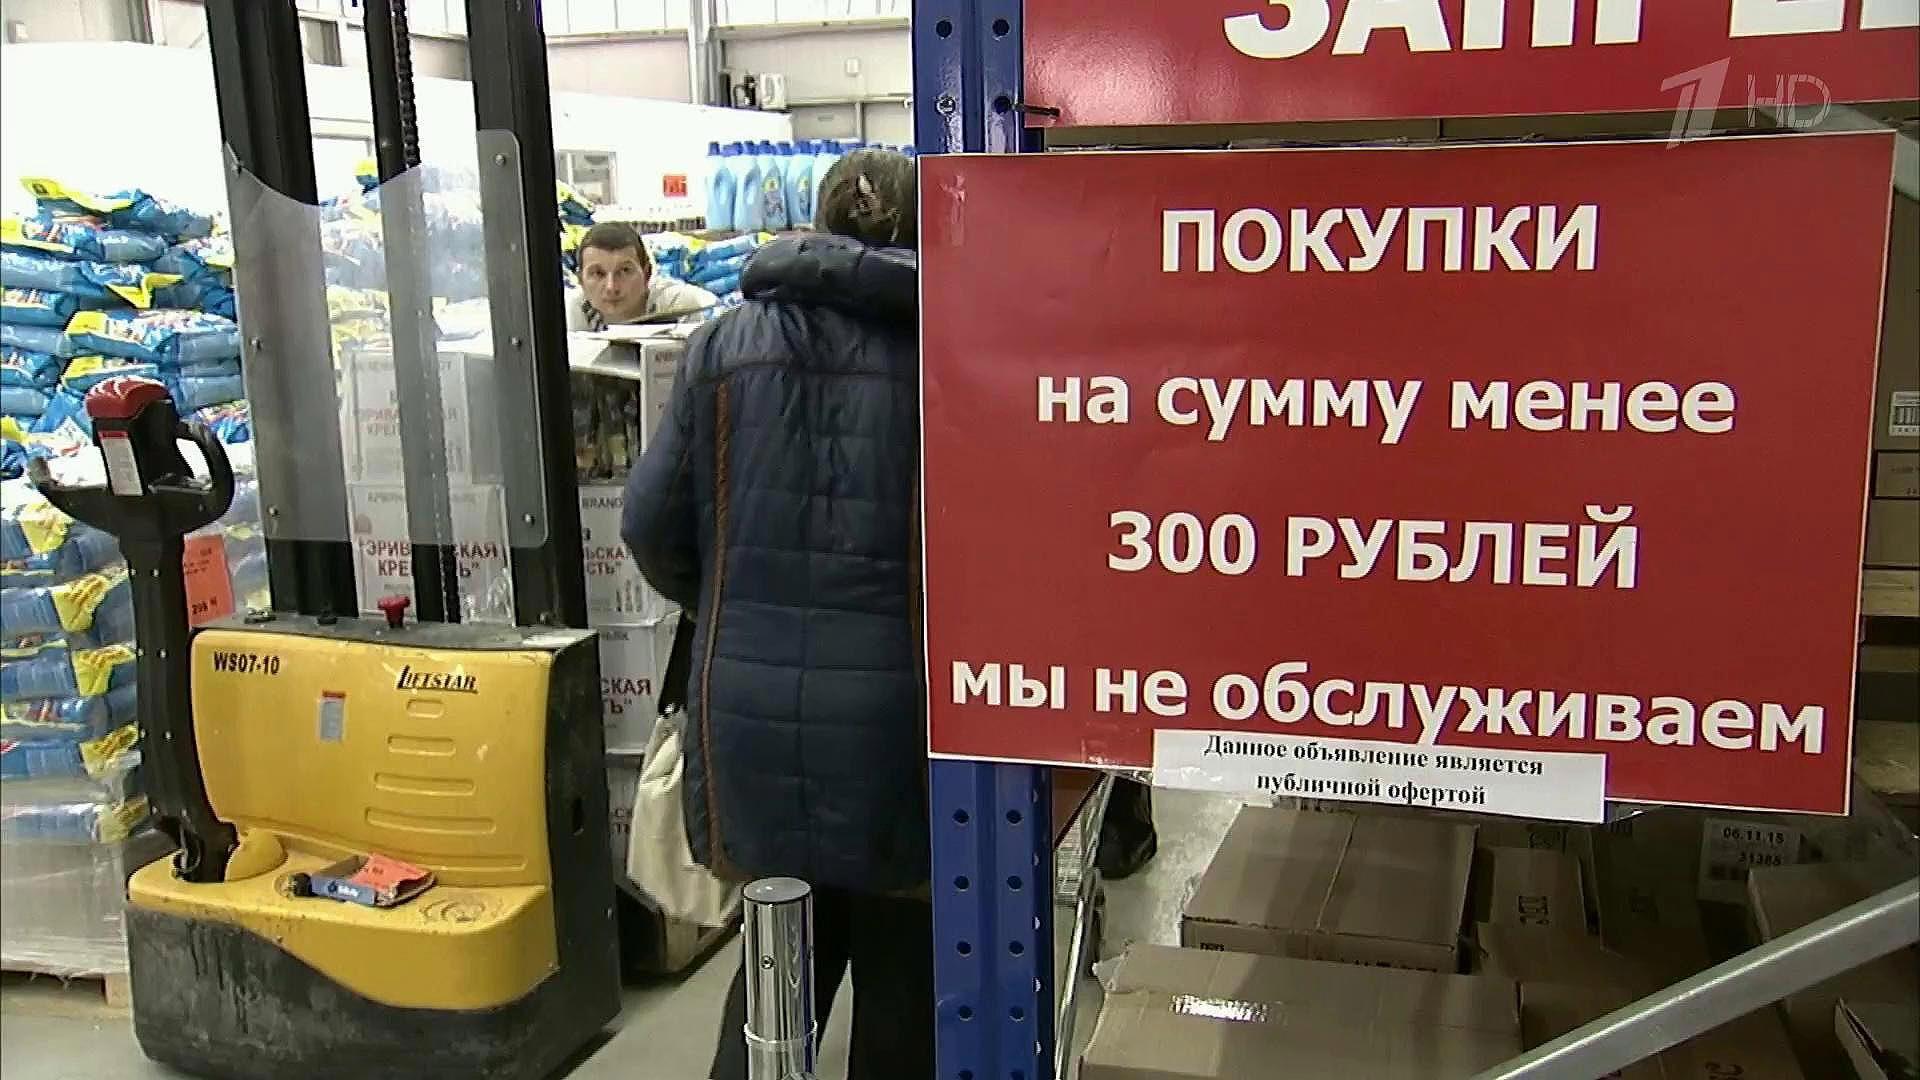 Последние новости с украины телевидение